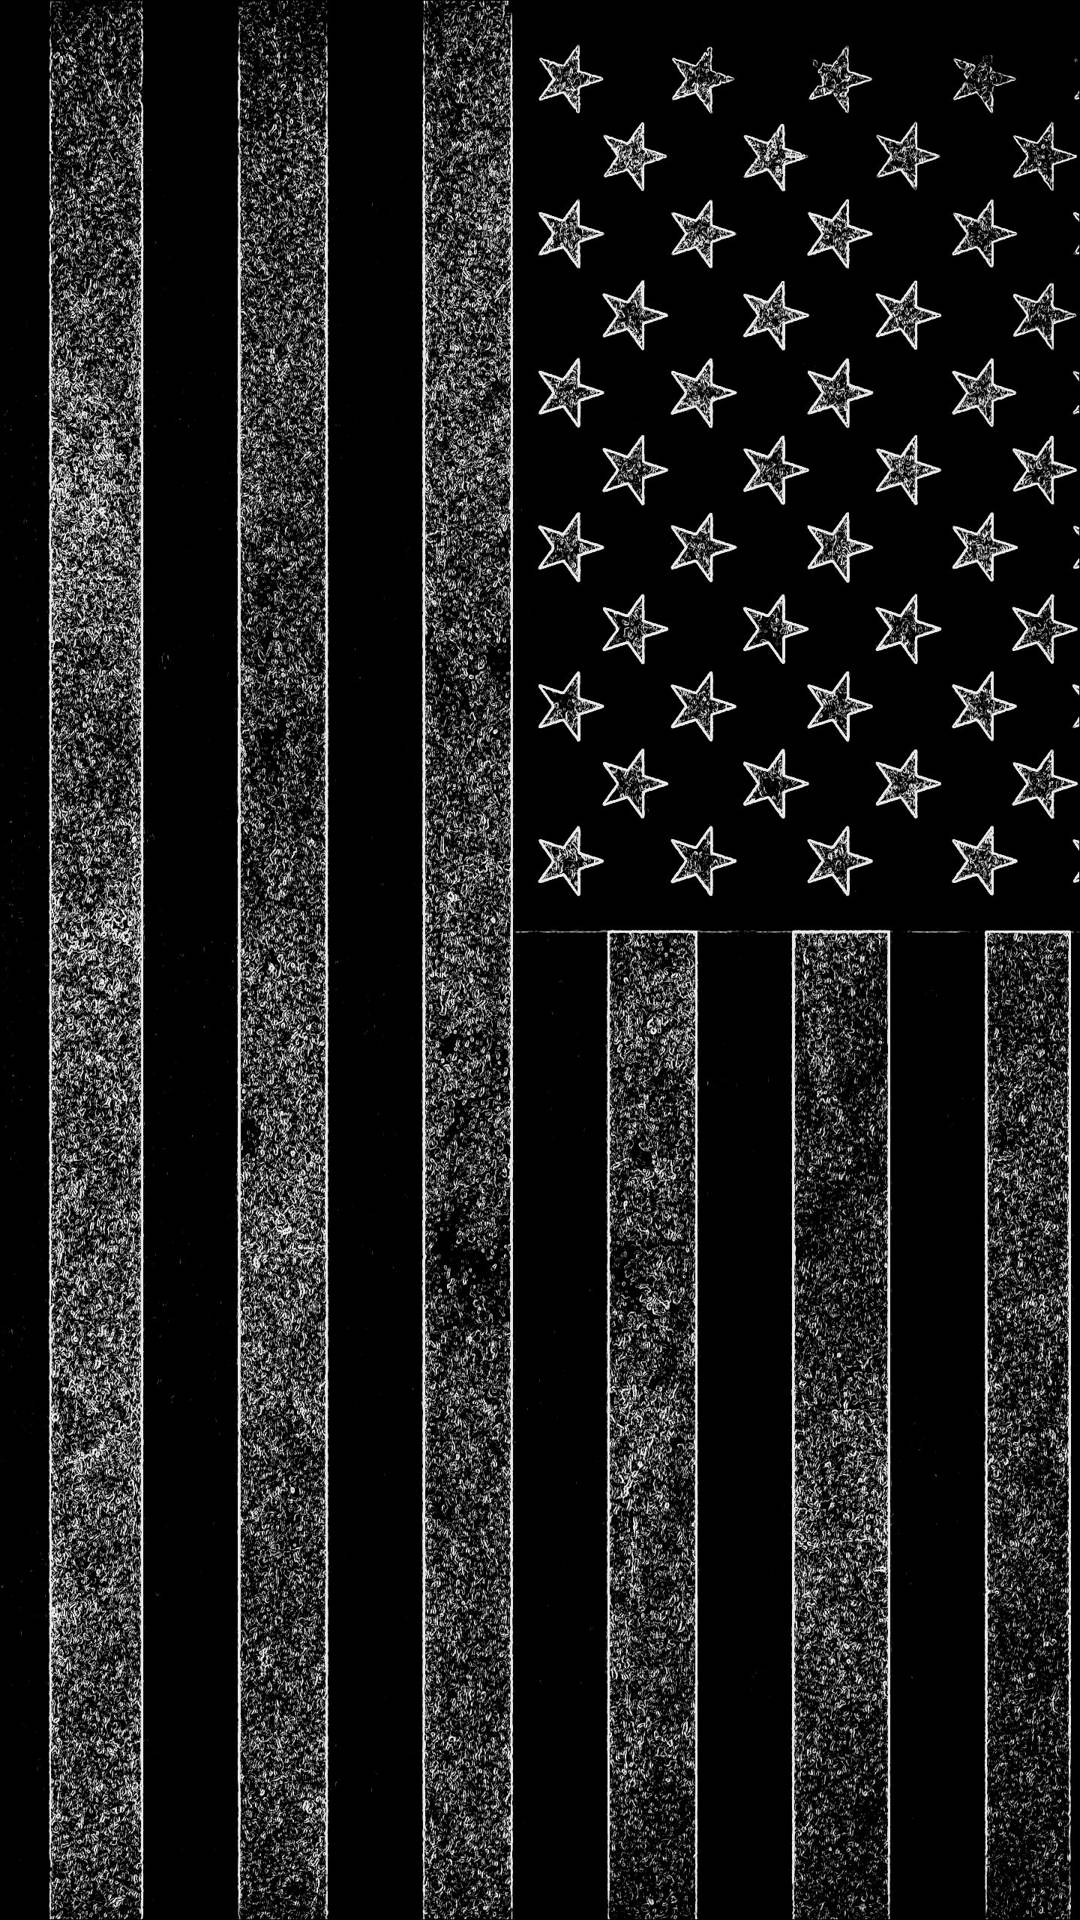 Cute Love Hd Wallpaper Download Dark American Flag Iphone Wallpaper Iphone Wallpapers